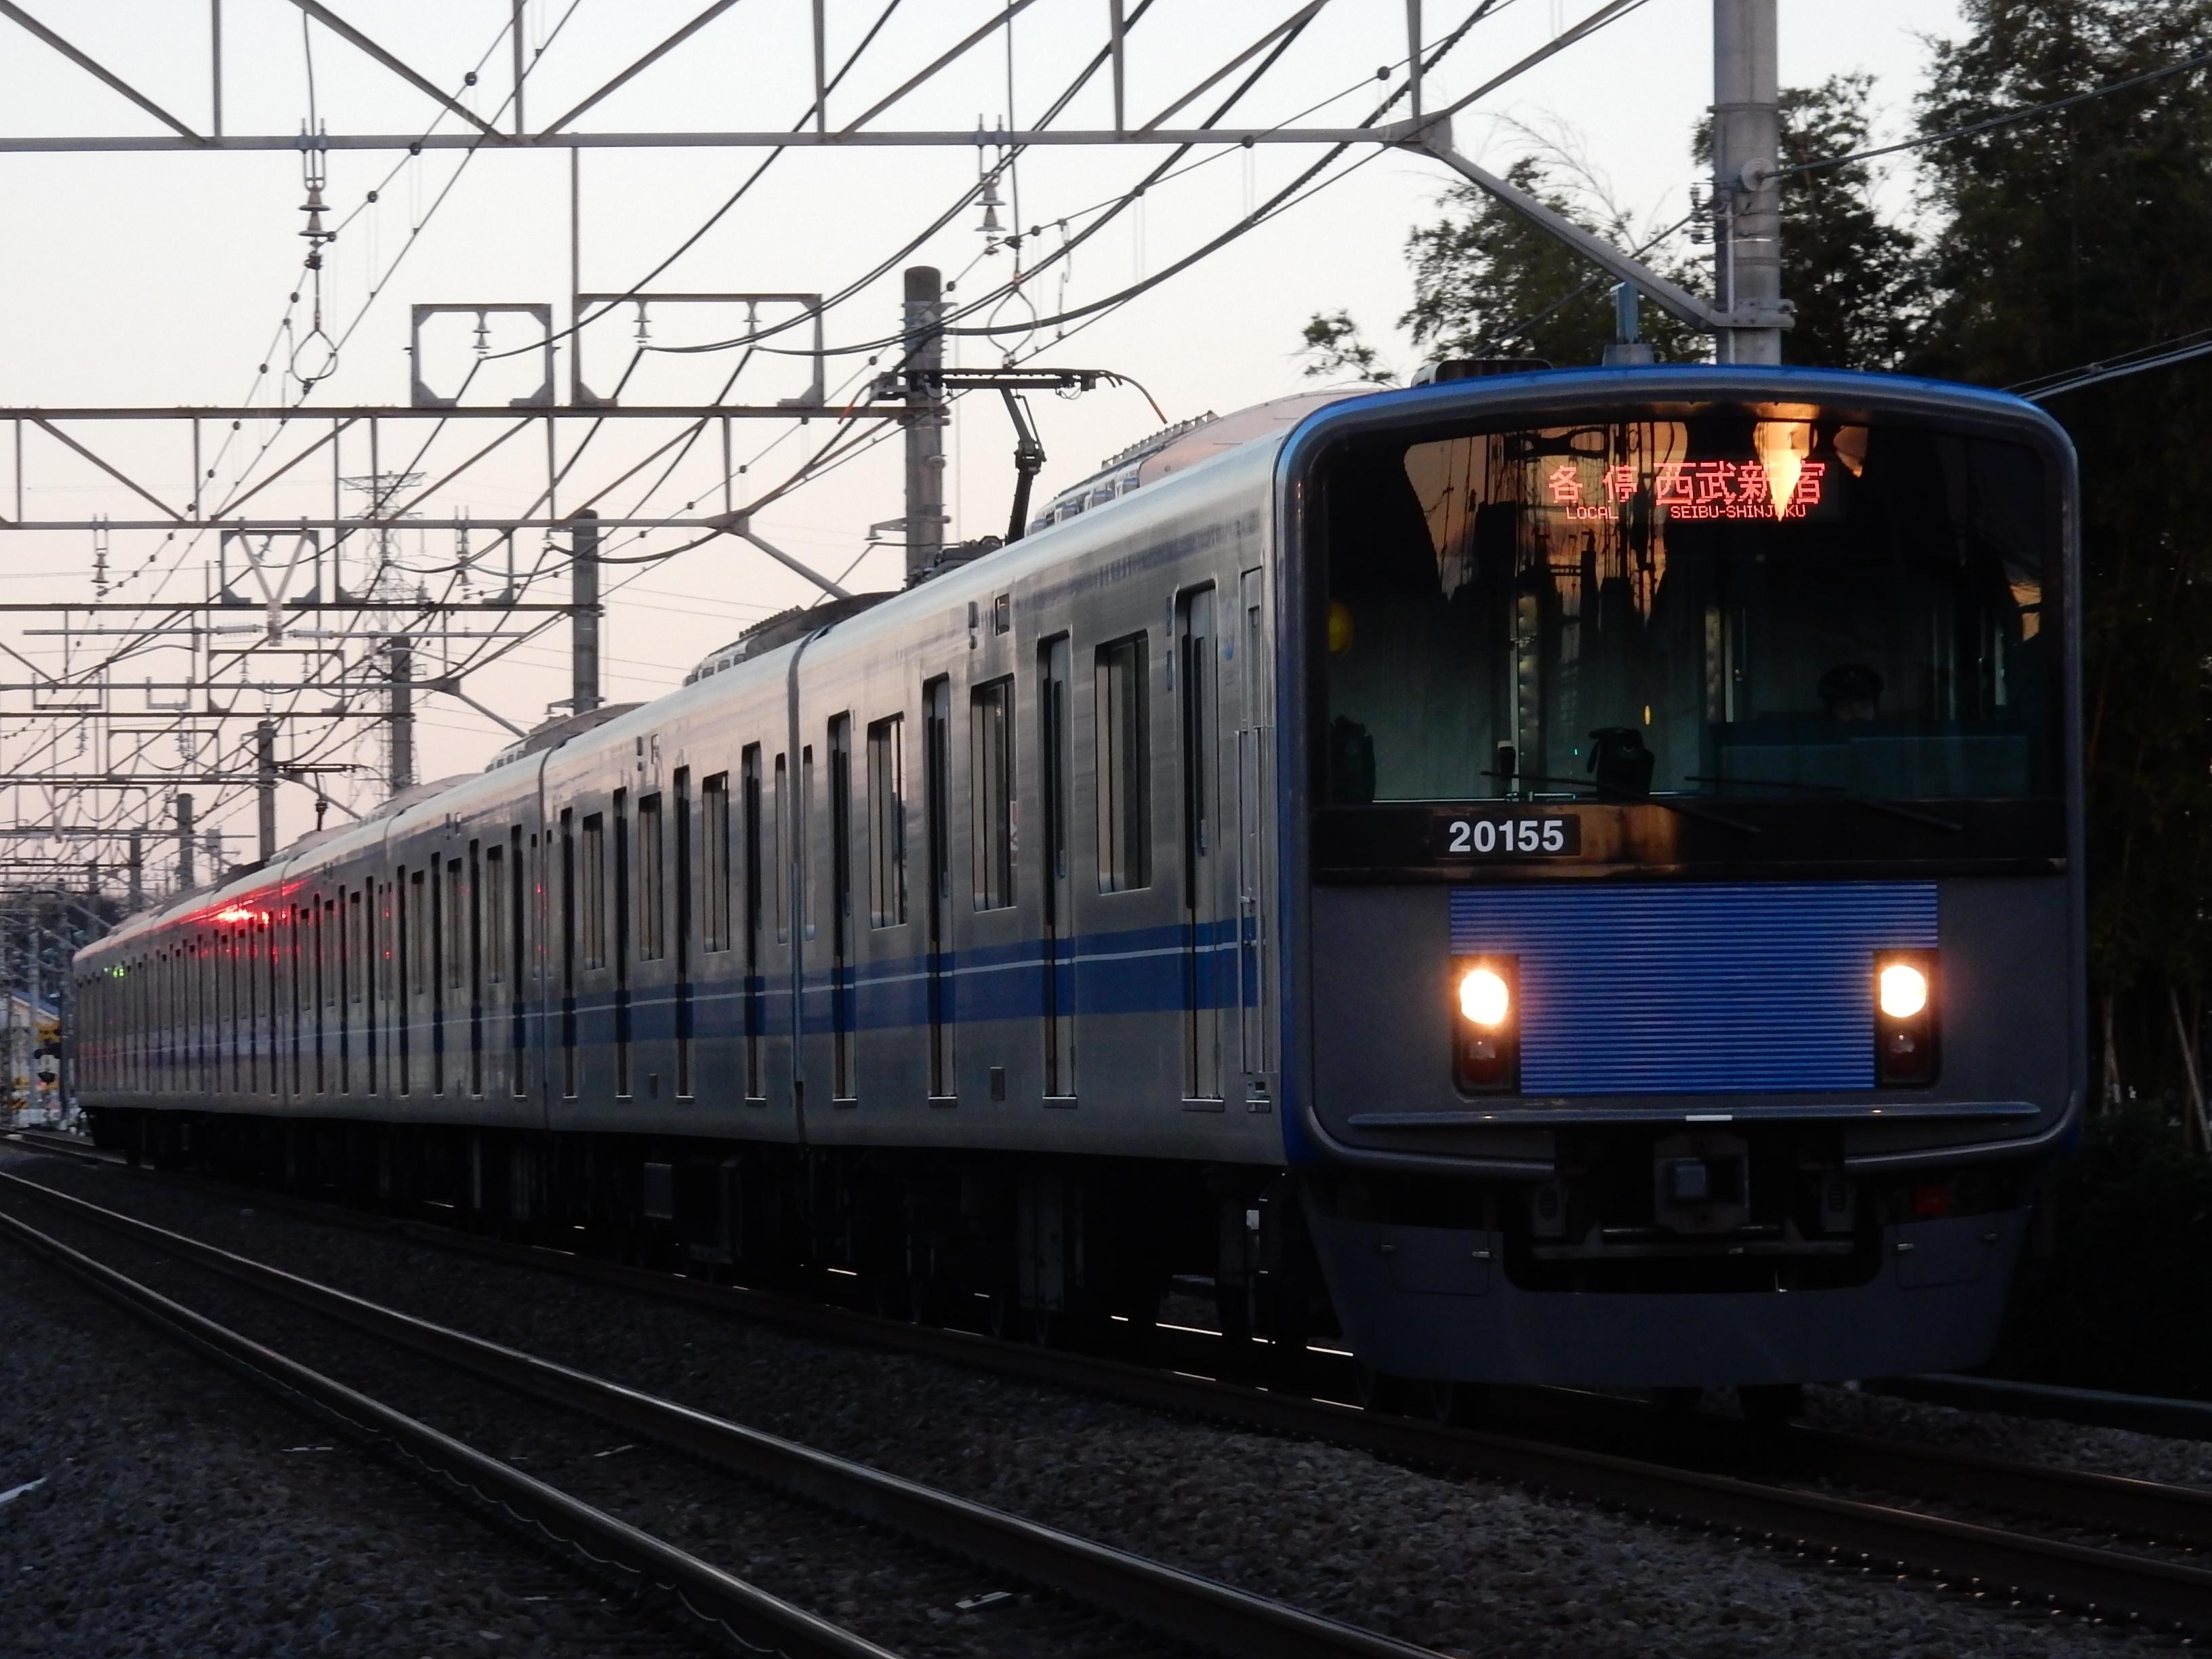 DSCN9571.jpg